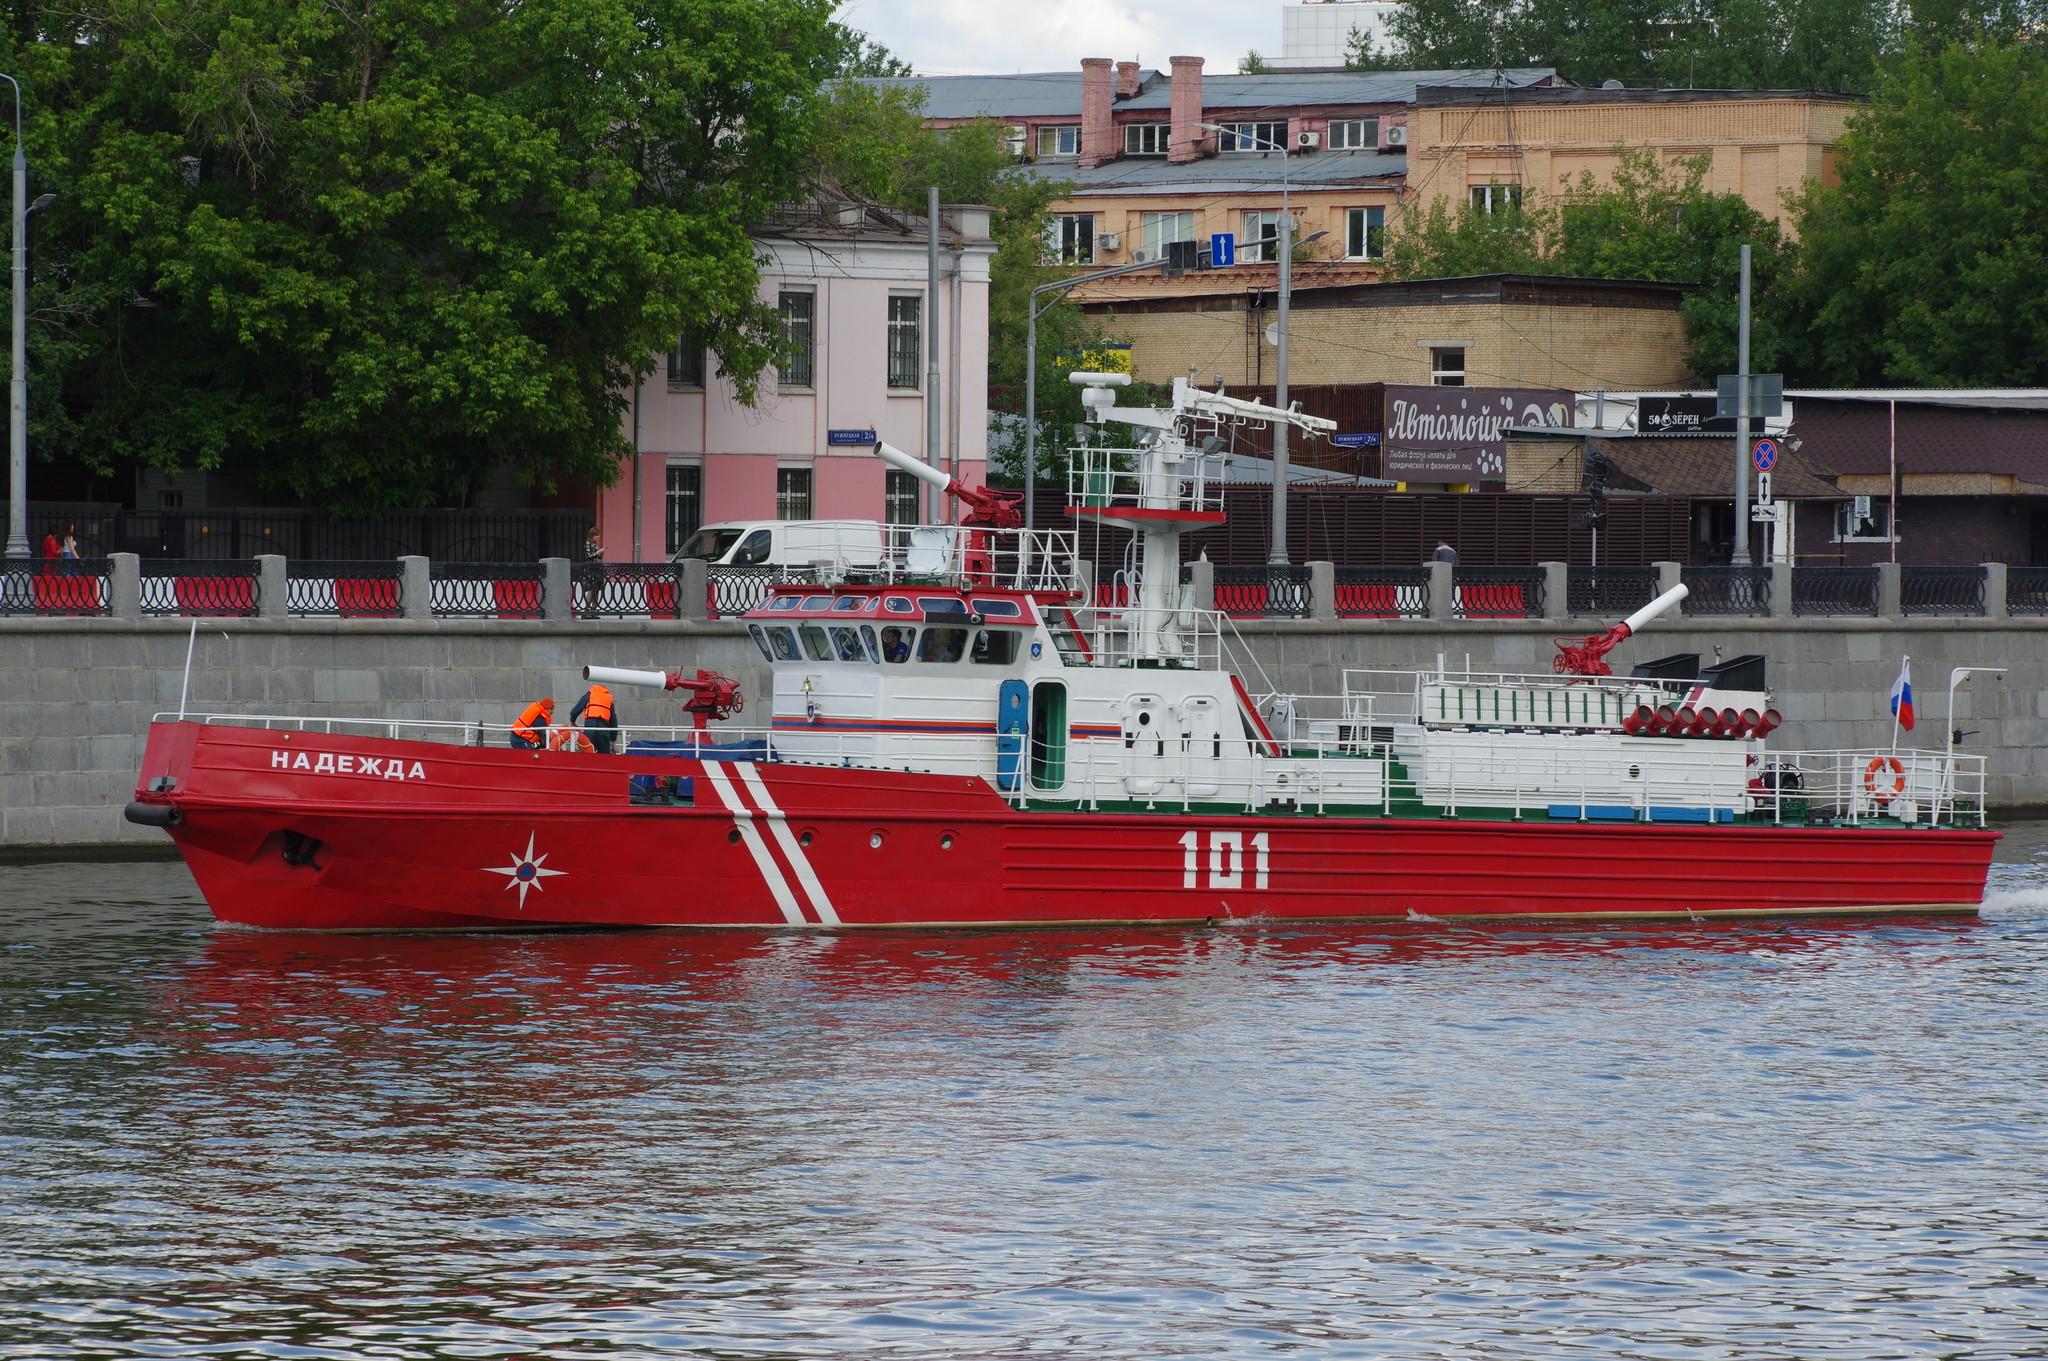 Пожарный корабль «Надежда» с 2003 года неустанно несёт службу, бороздя воды Москва-реки